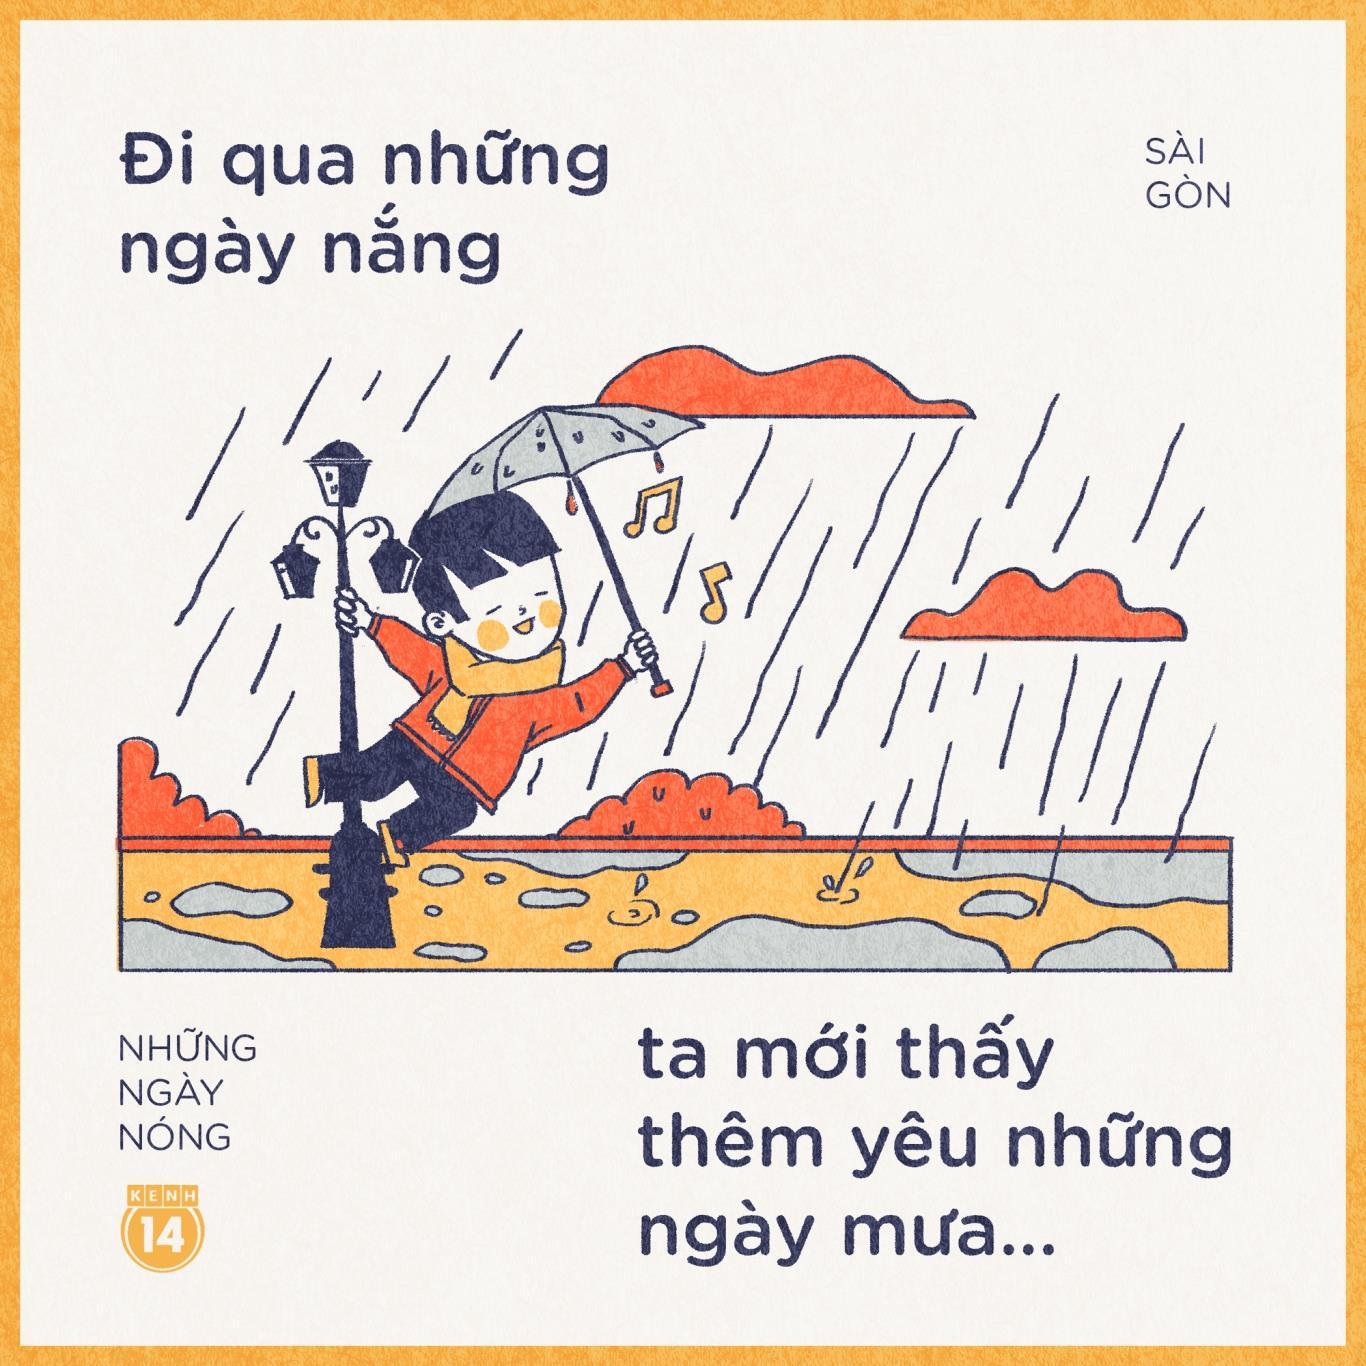 """Dù những lúc trời mưa cũng làu bàu lầm bầm một chút nhưng thú thật chỉ mong """"em gái mưa"""" hiện hình ngay và luôn thôi. Ẩm ướt nhưng mát mẻ còn hơn là đã khô hanh lại nắng nóng."""